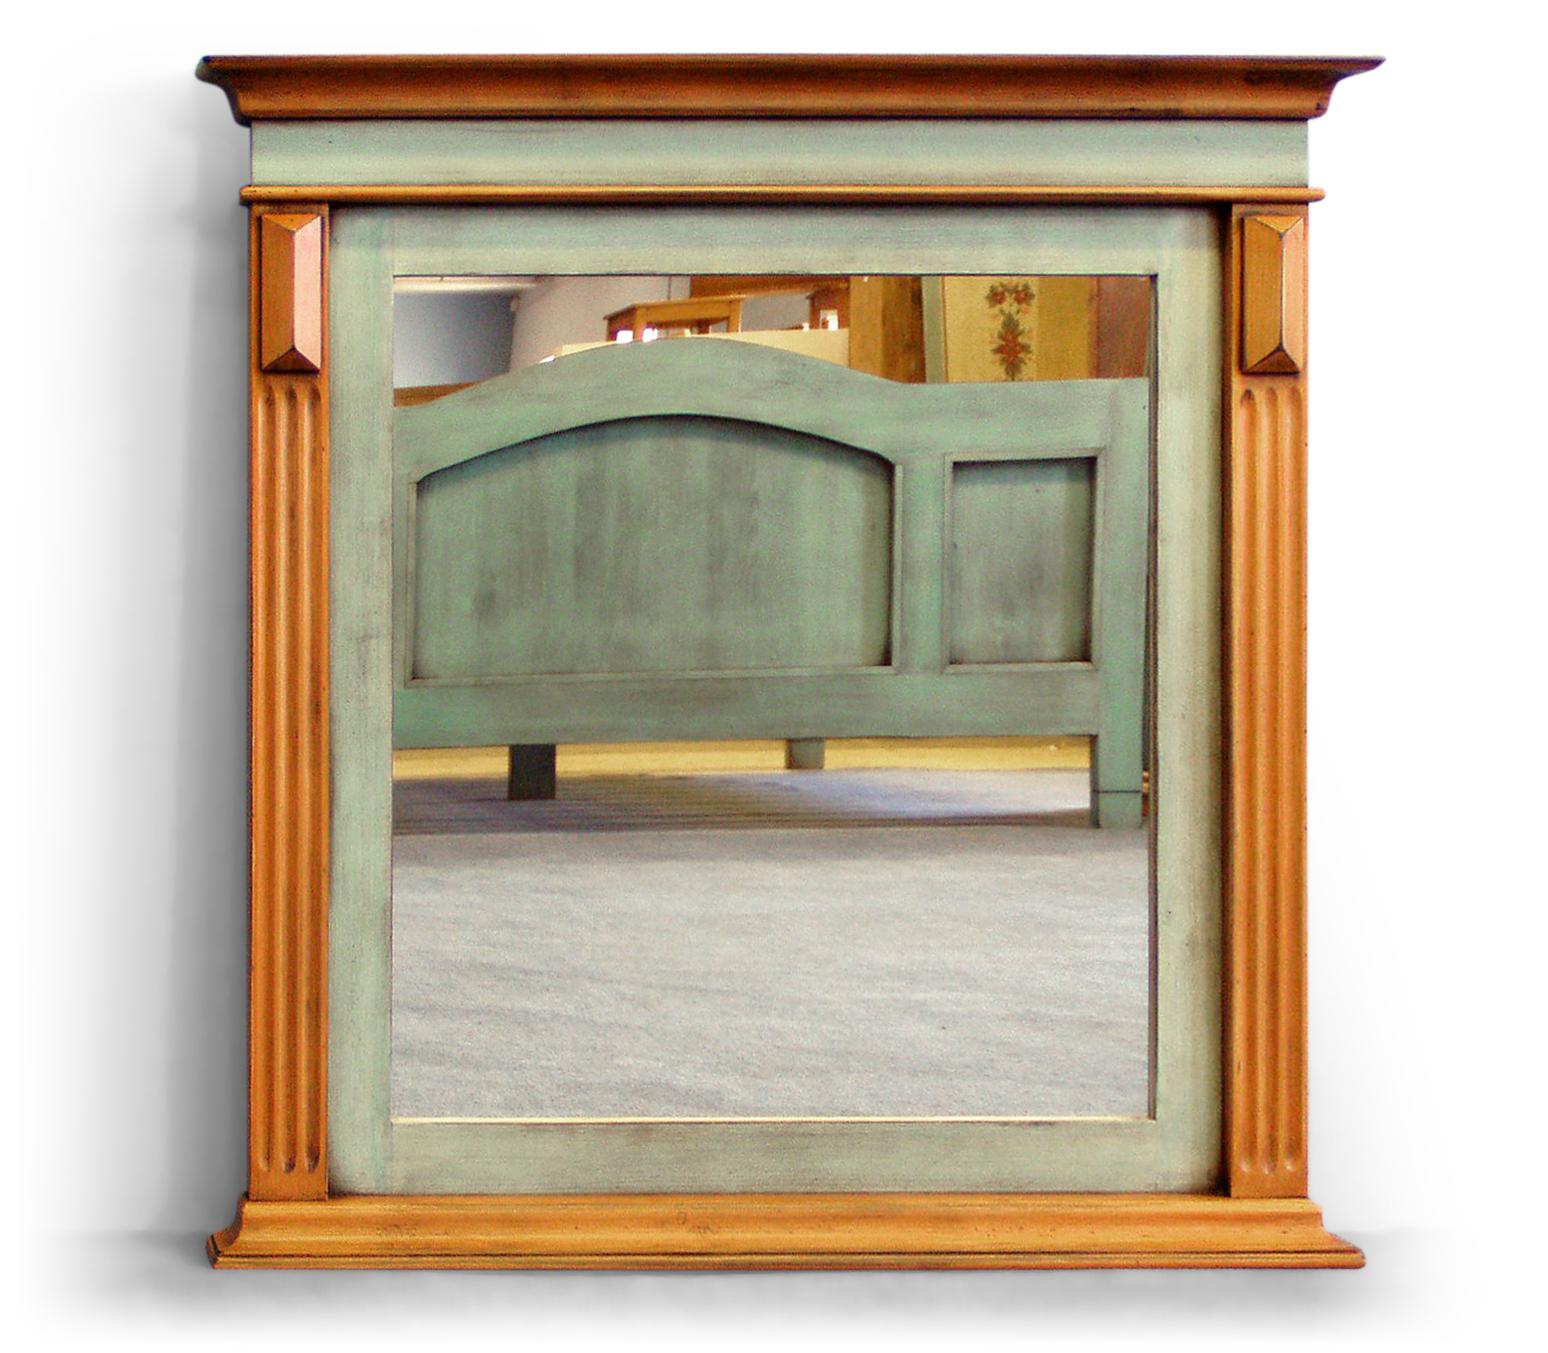 Malované zrcadlo Svět pokladů